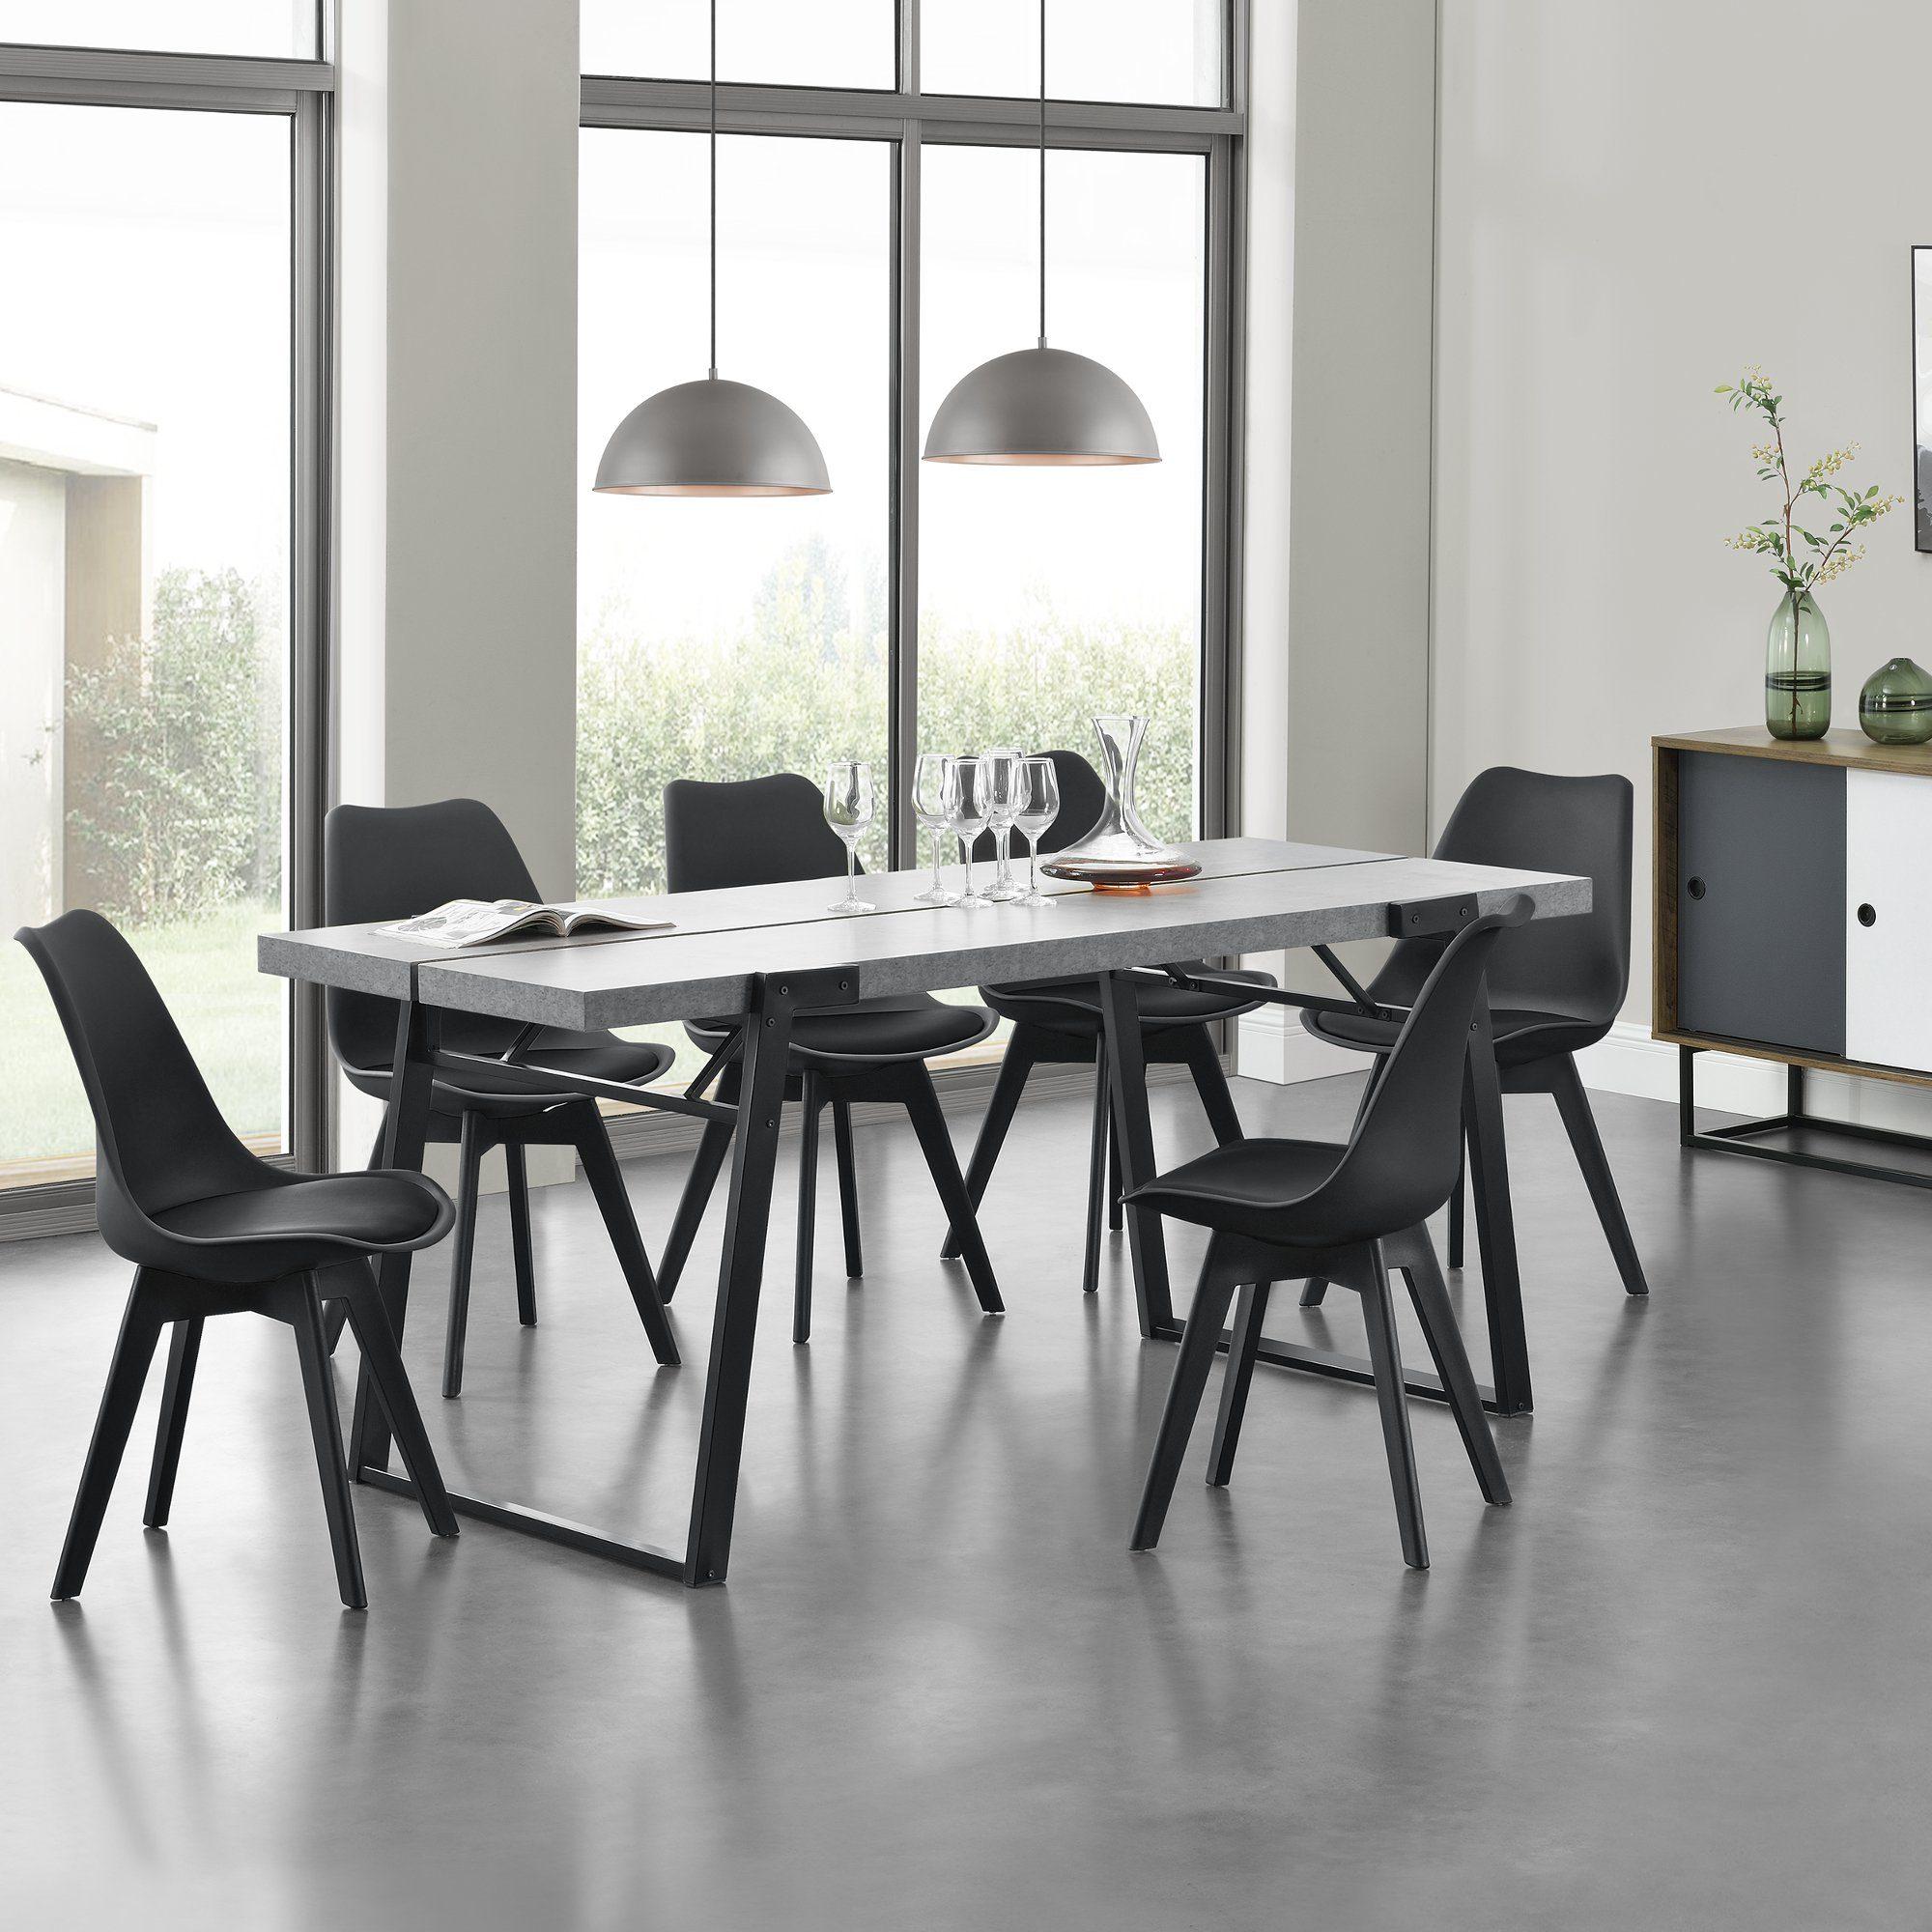 en.casa Esstisch, »Hessen« MDF, furniert 180x80x77cm Beton Optik online kaufen | OTTO